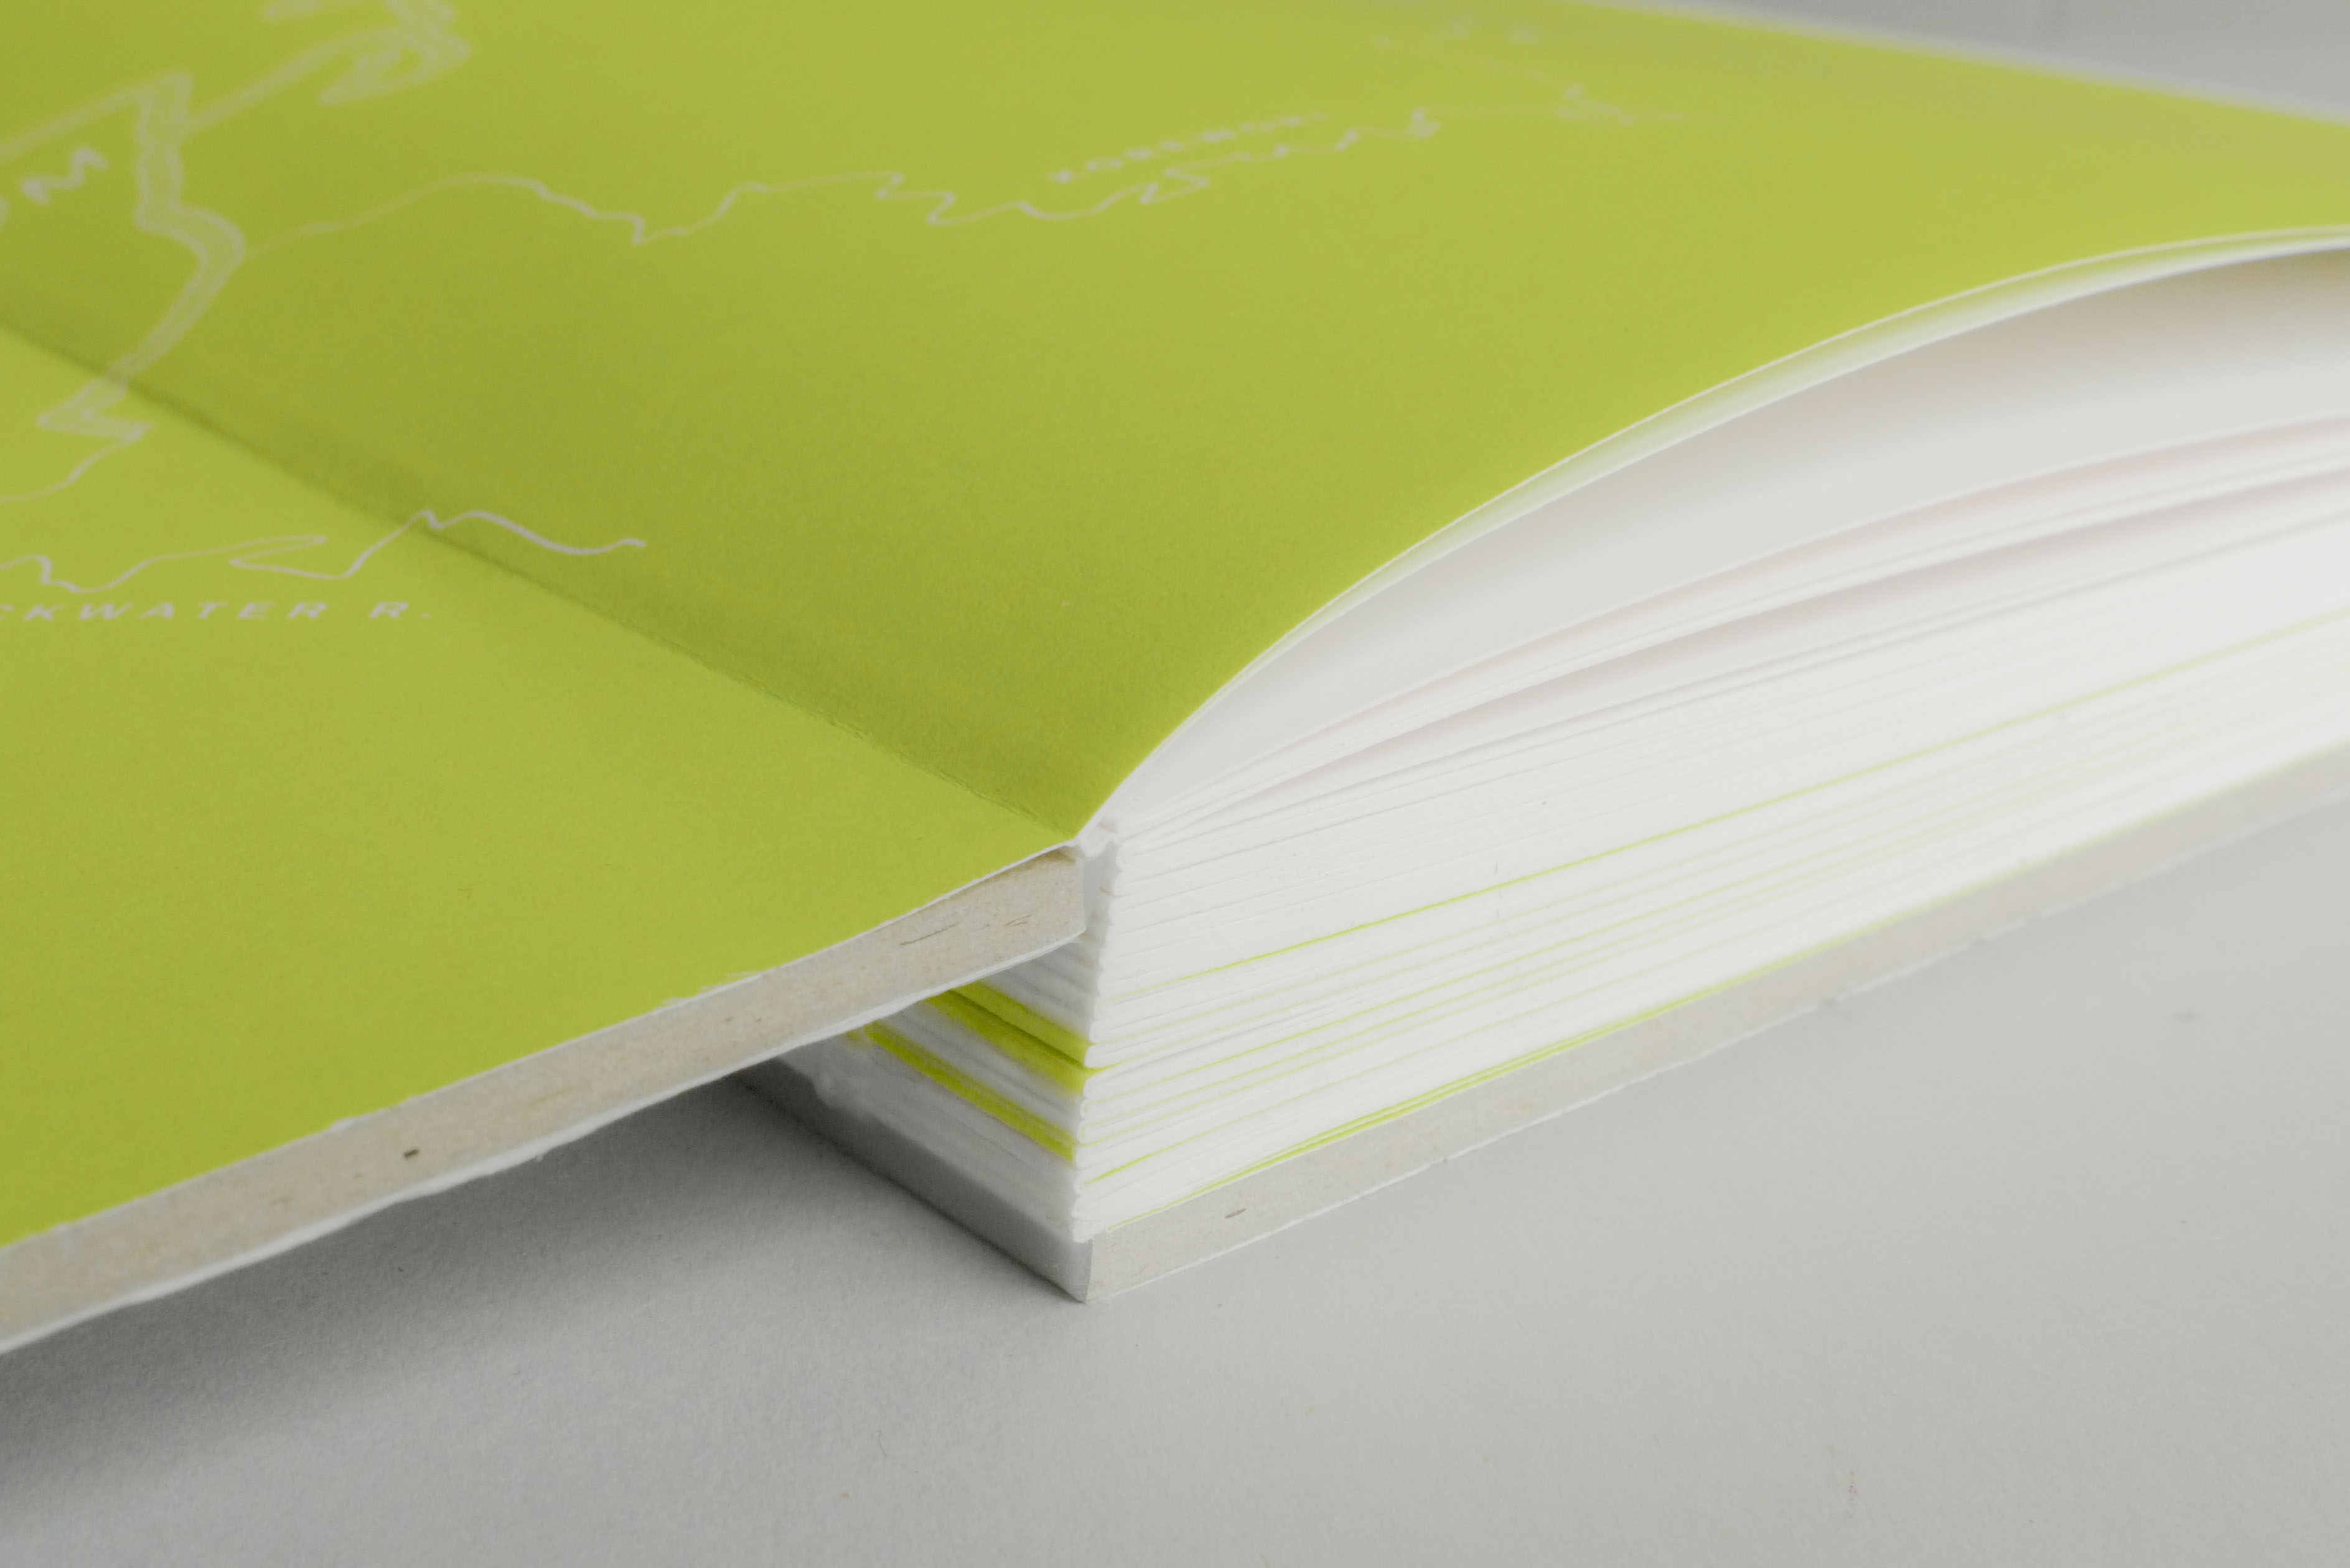 detailbuch